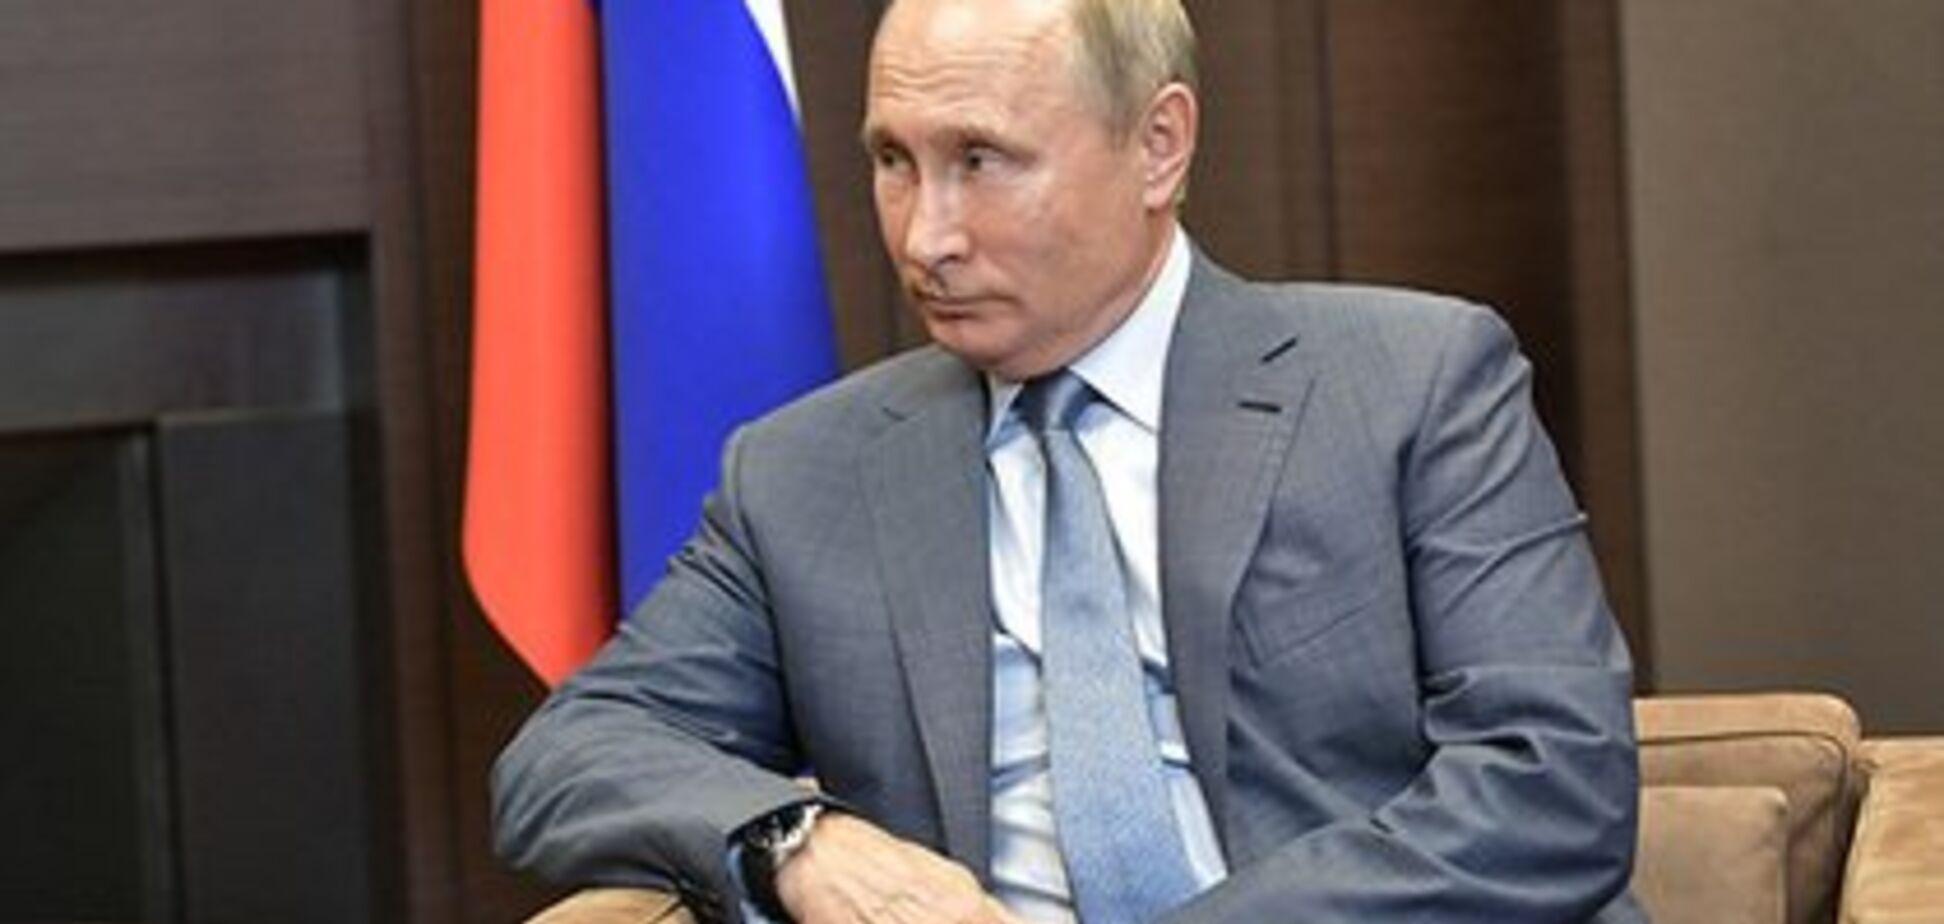 Меркель тоже подождет? Путин опоздал на свадьбу в Австрии